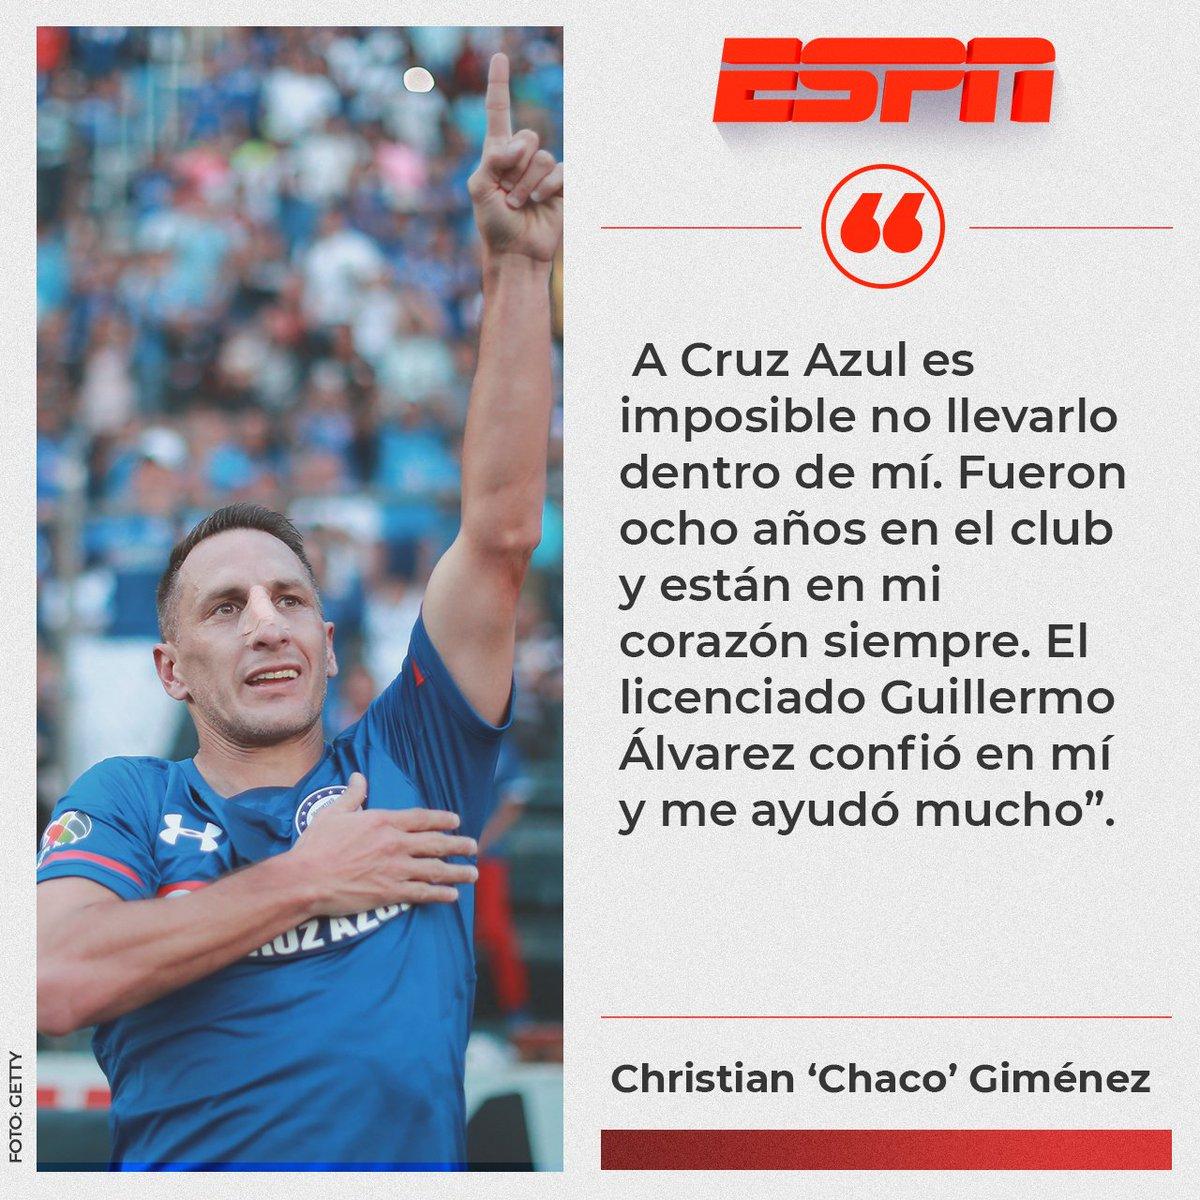 Cruz Azul tendrá siempre un lugar muy especial en el corazón del Chaco  Giménez 💙 ce5be4ac0f5fc